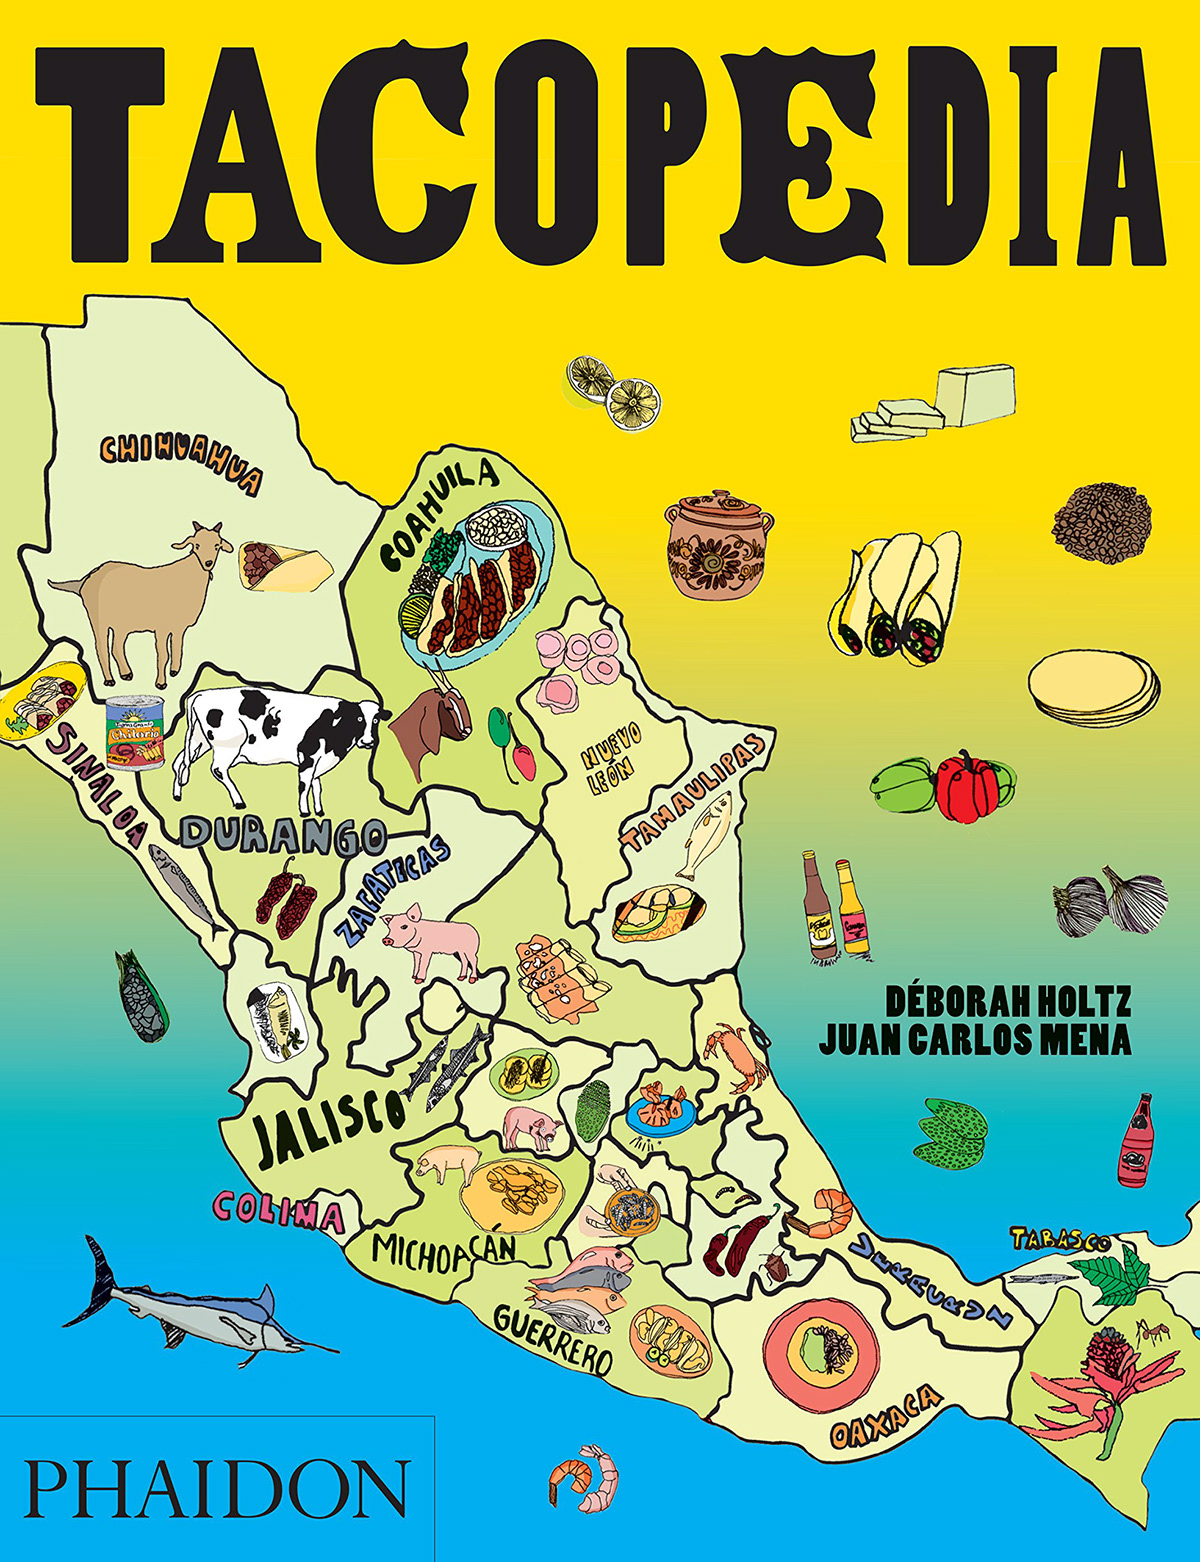 la tacopedia  tacopedia  Mexico Tacos  loteria Food  Mexican Food ILLUSTRATION  graphisme ilustracion